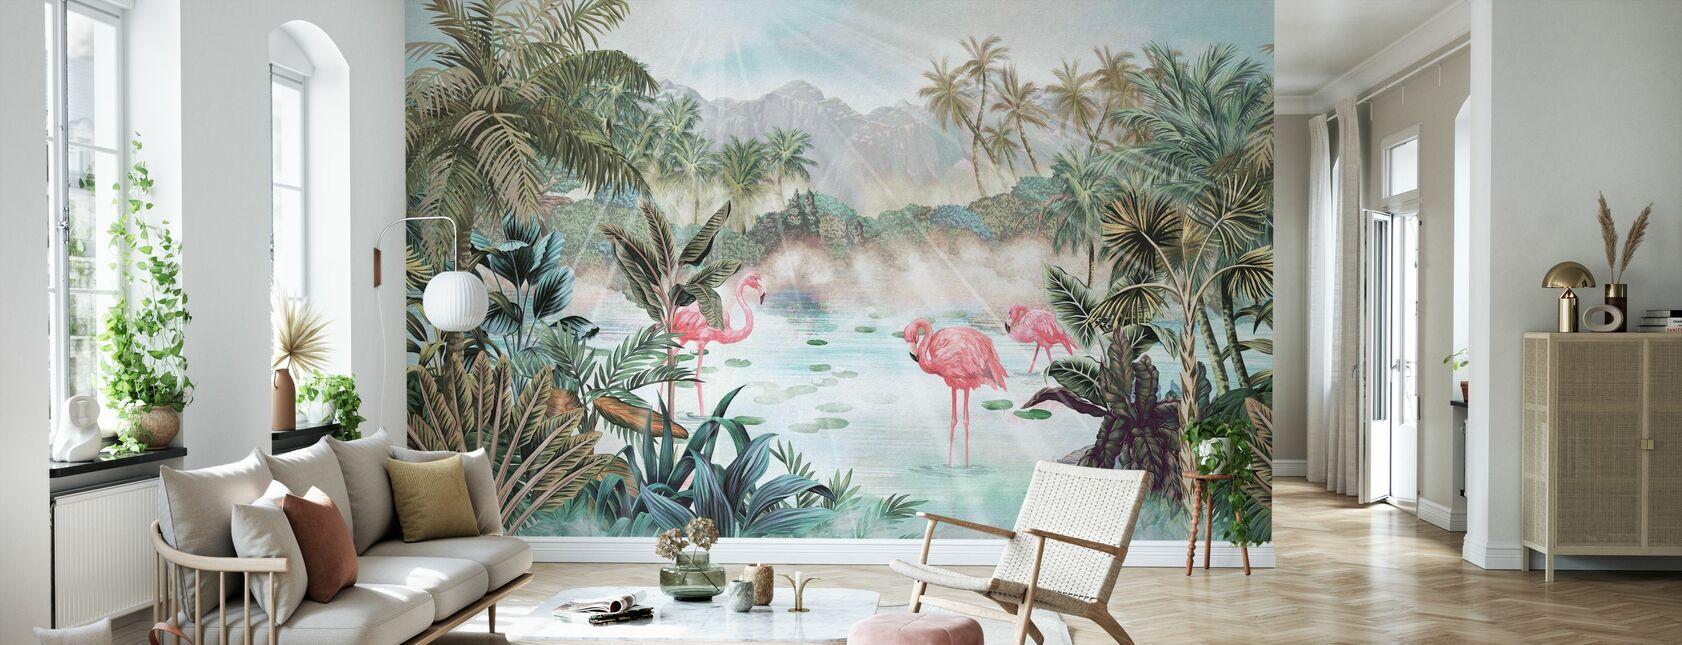 Flamingo Essay - Emerald - Wallpaper - Living Room